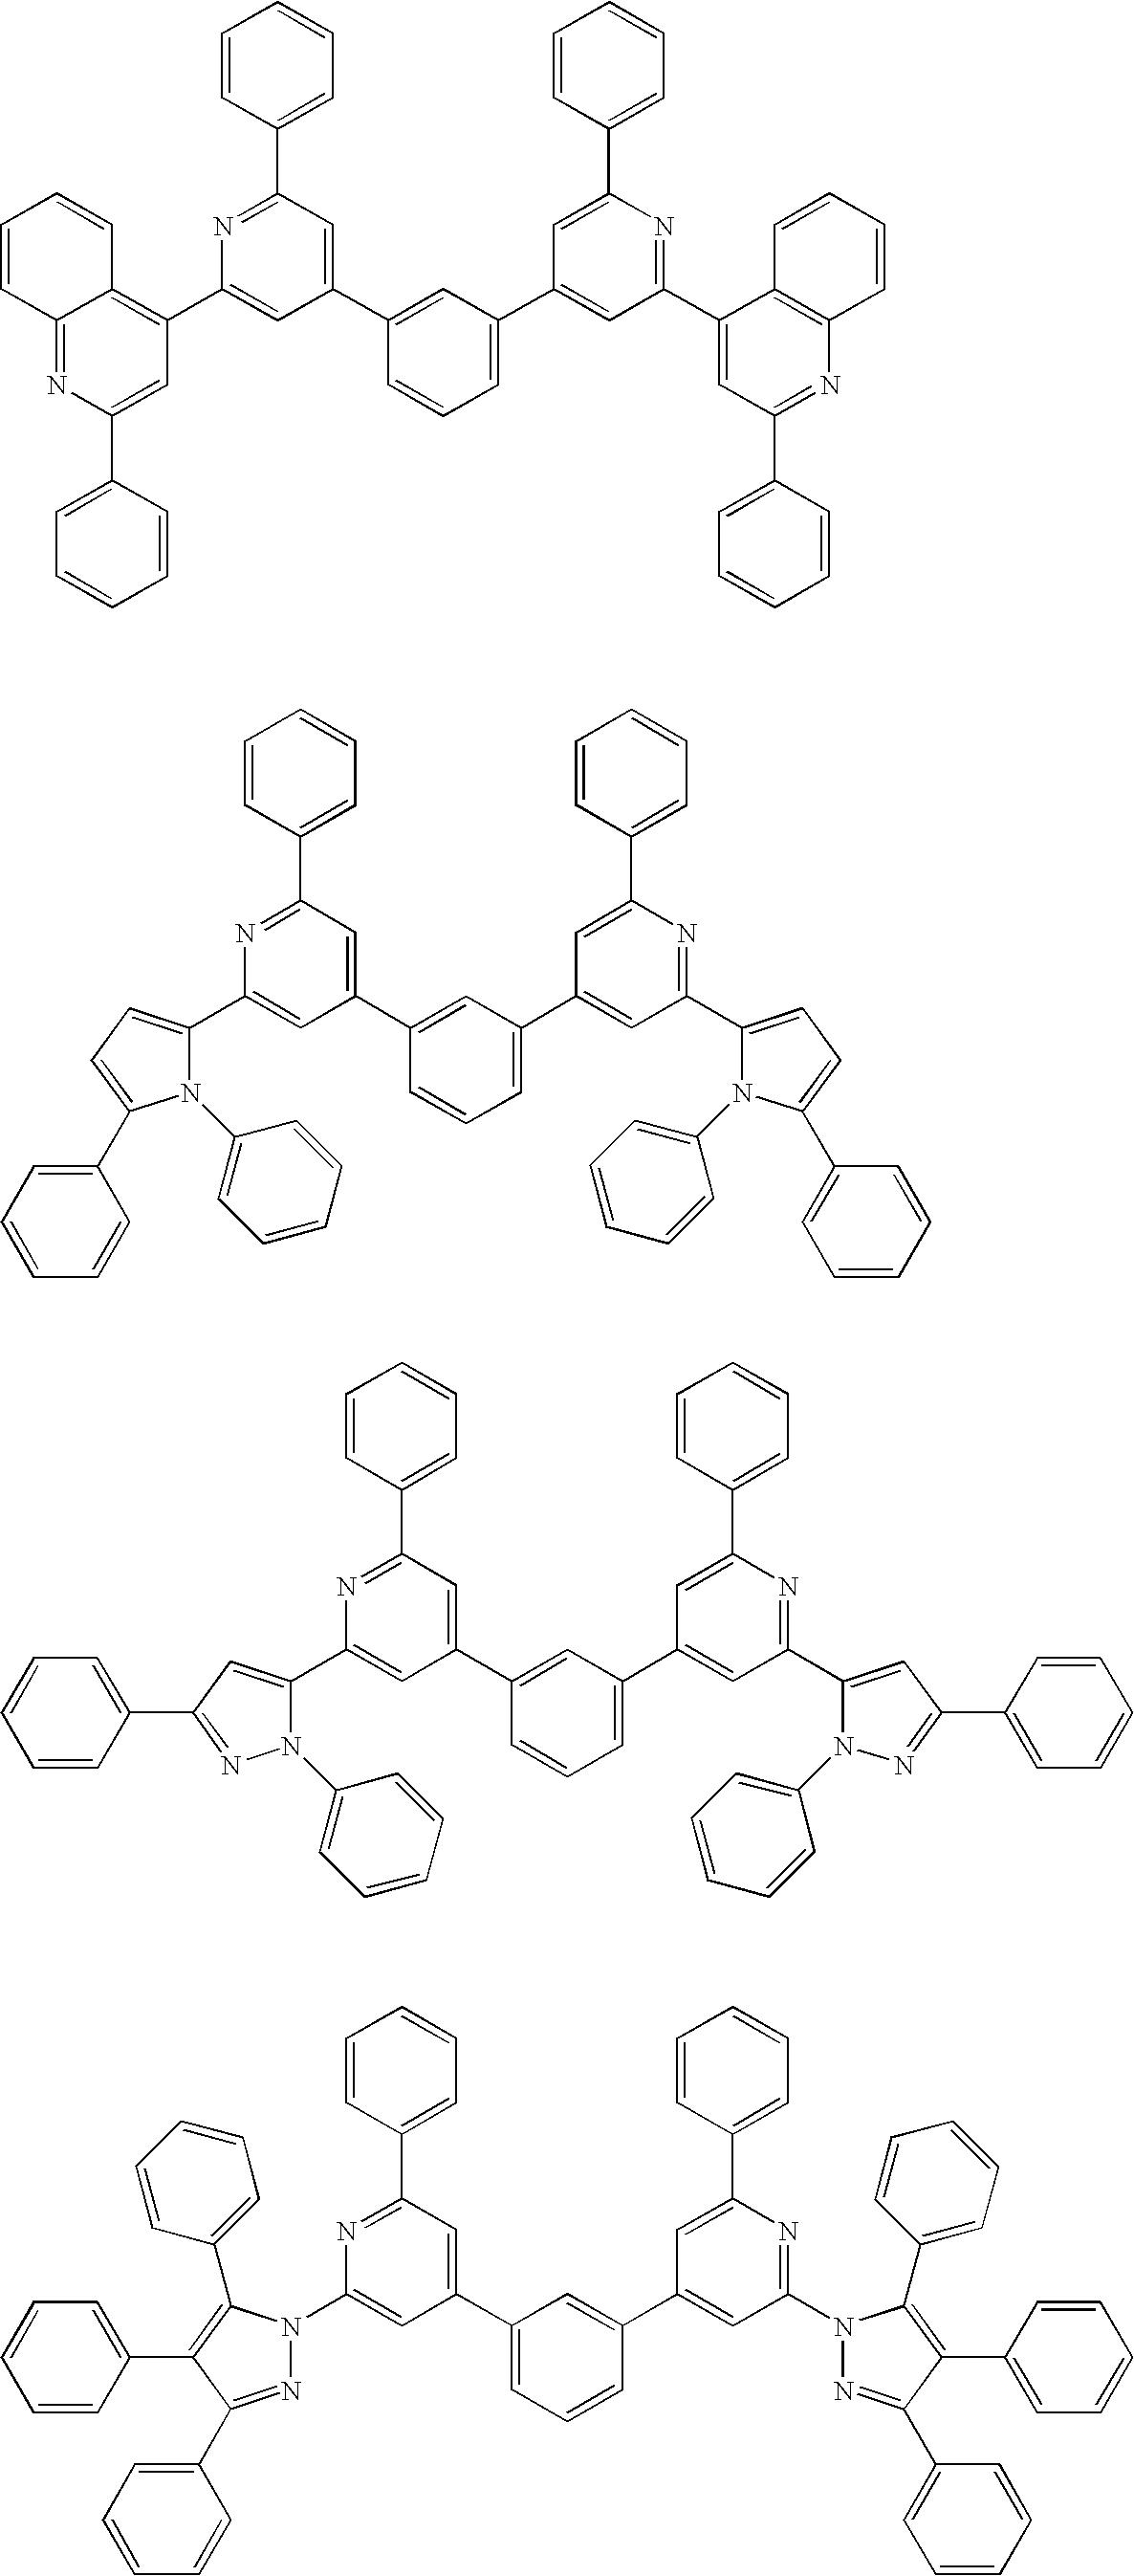 Figure US20060186796A1-20060824-C00093